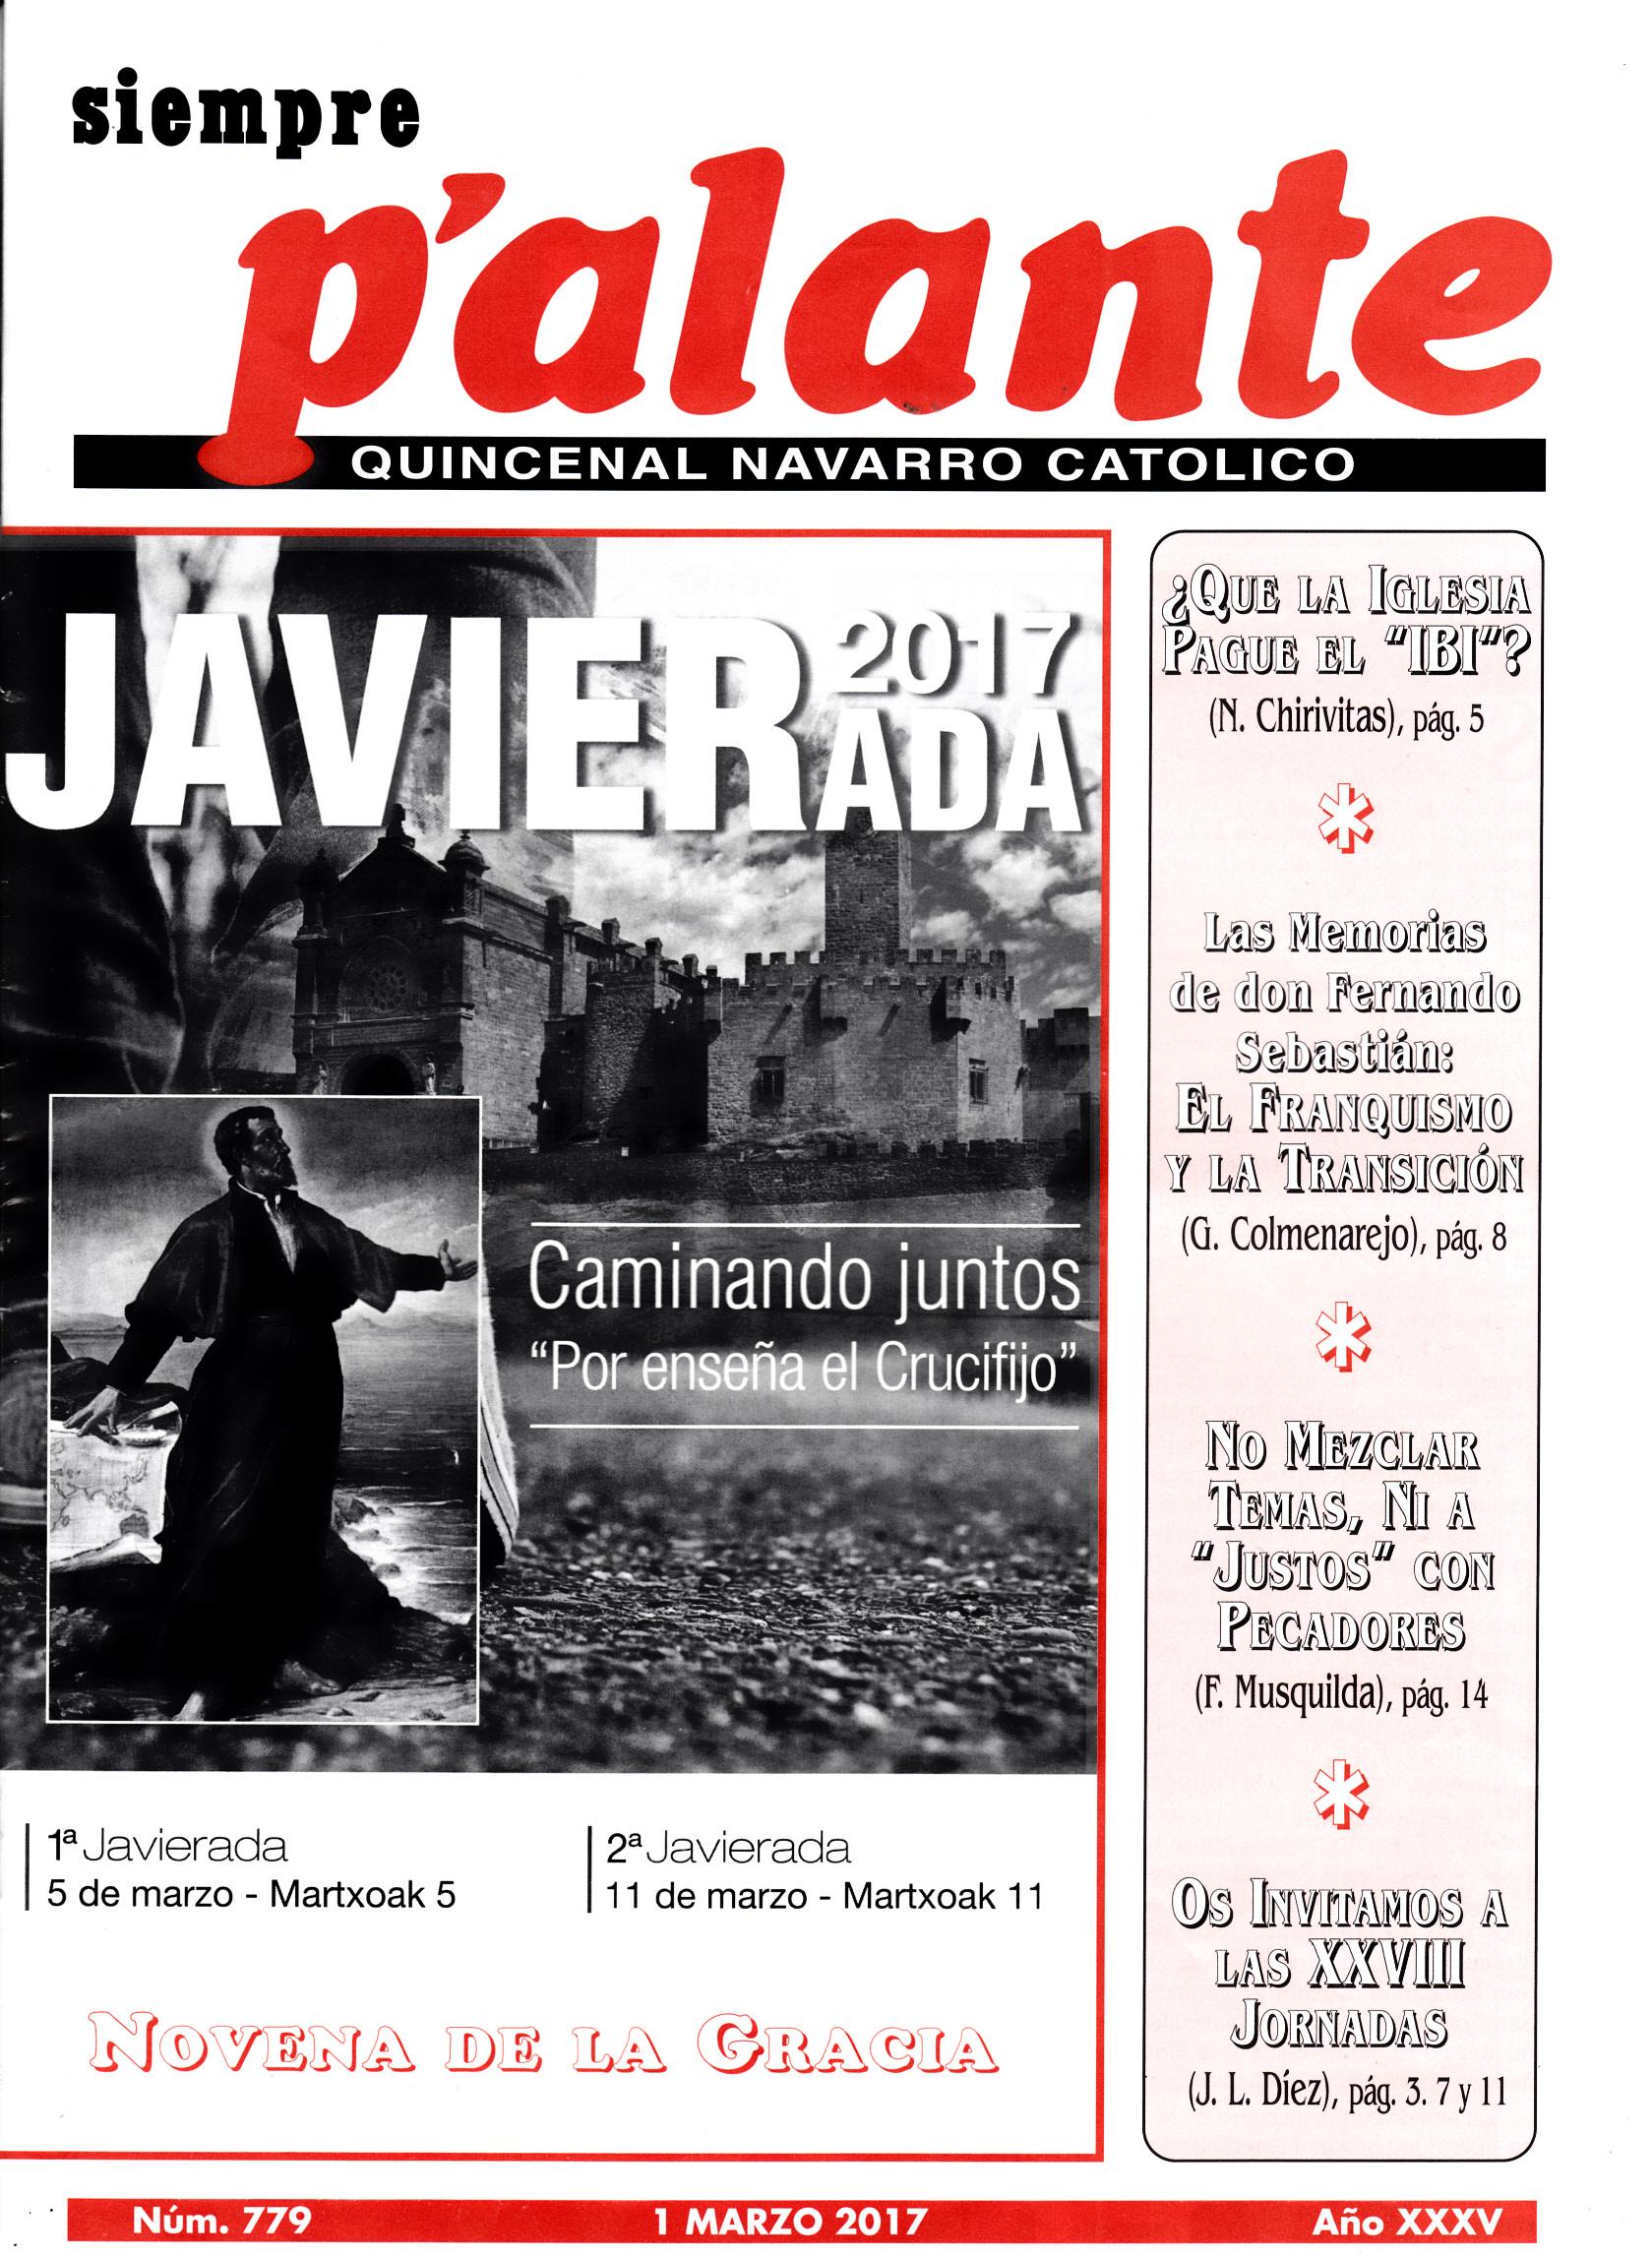 Siempre_Palante_779